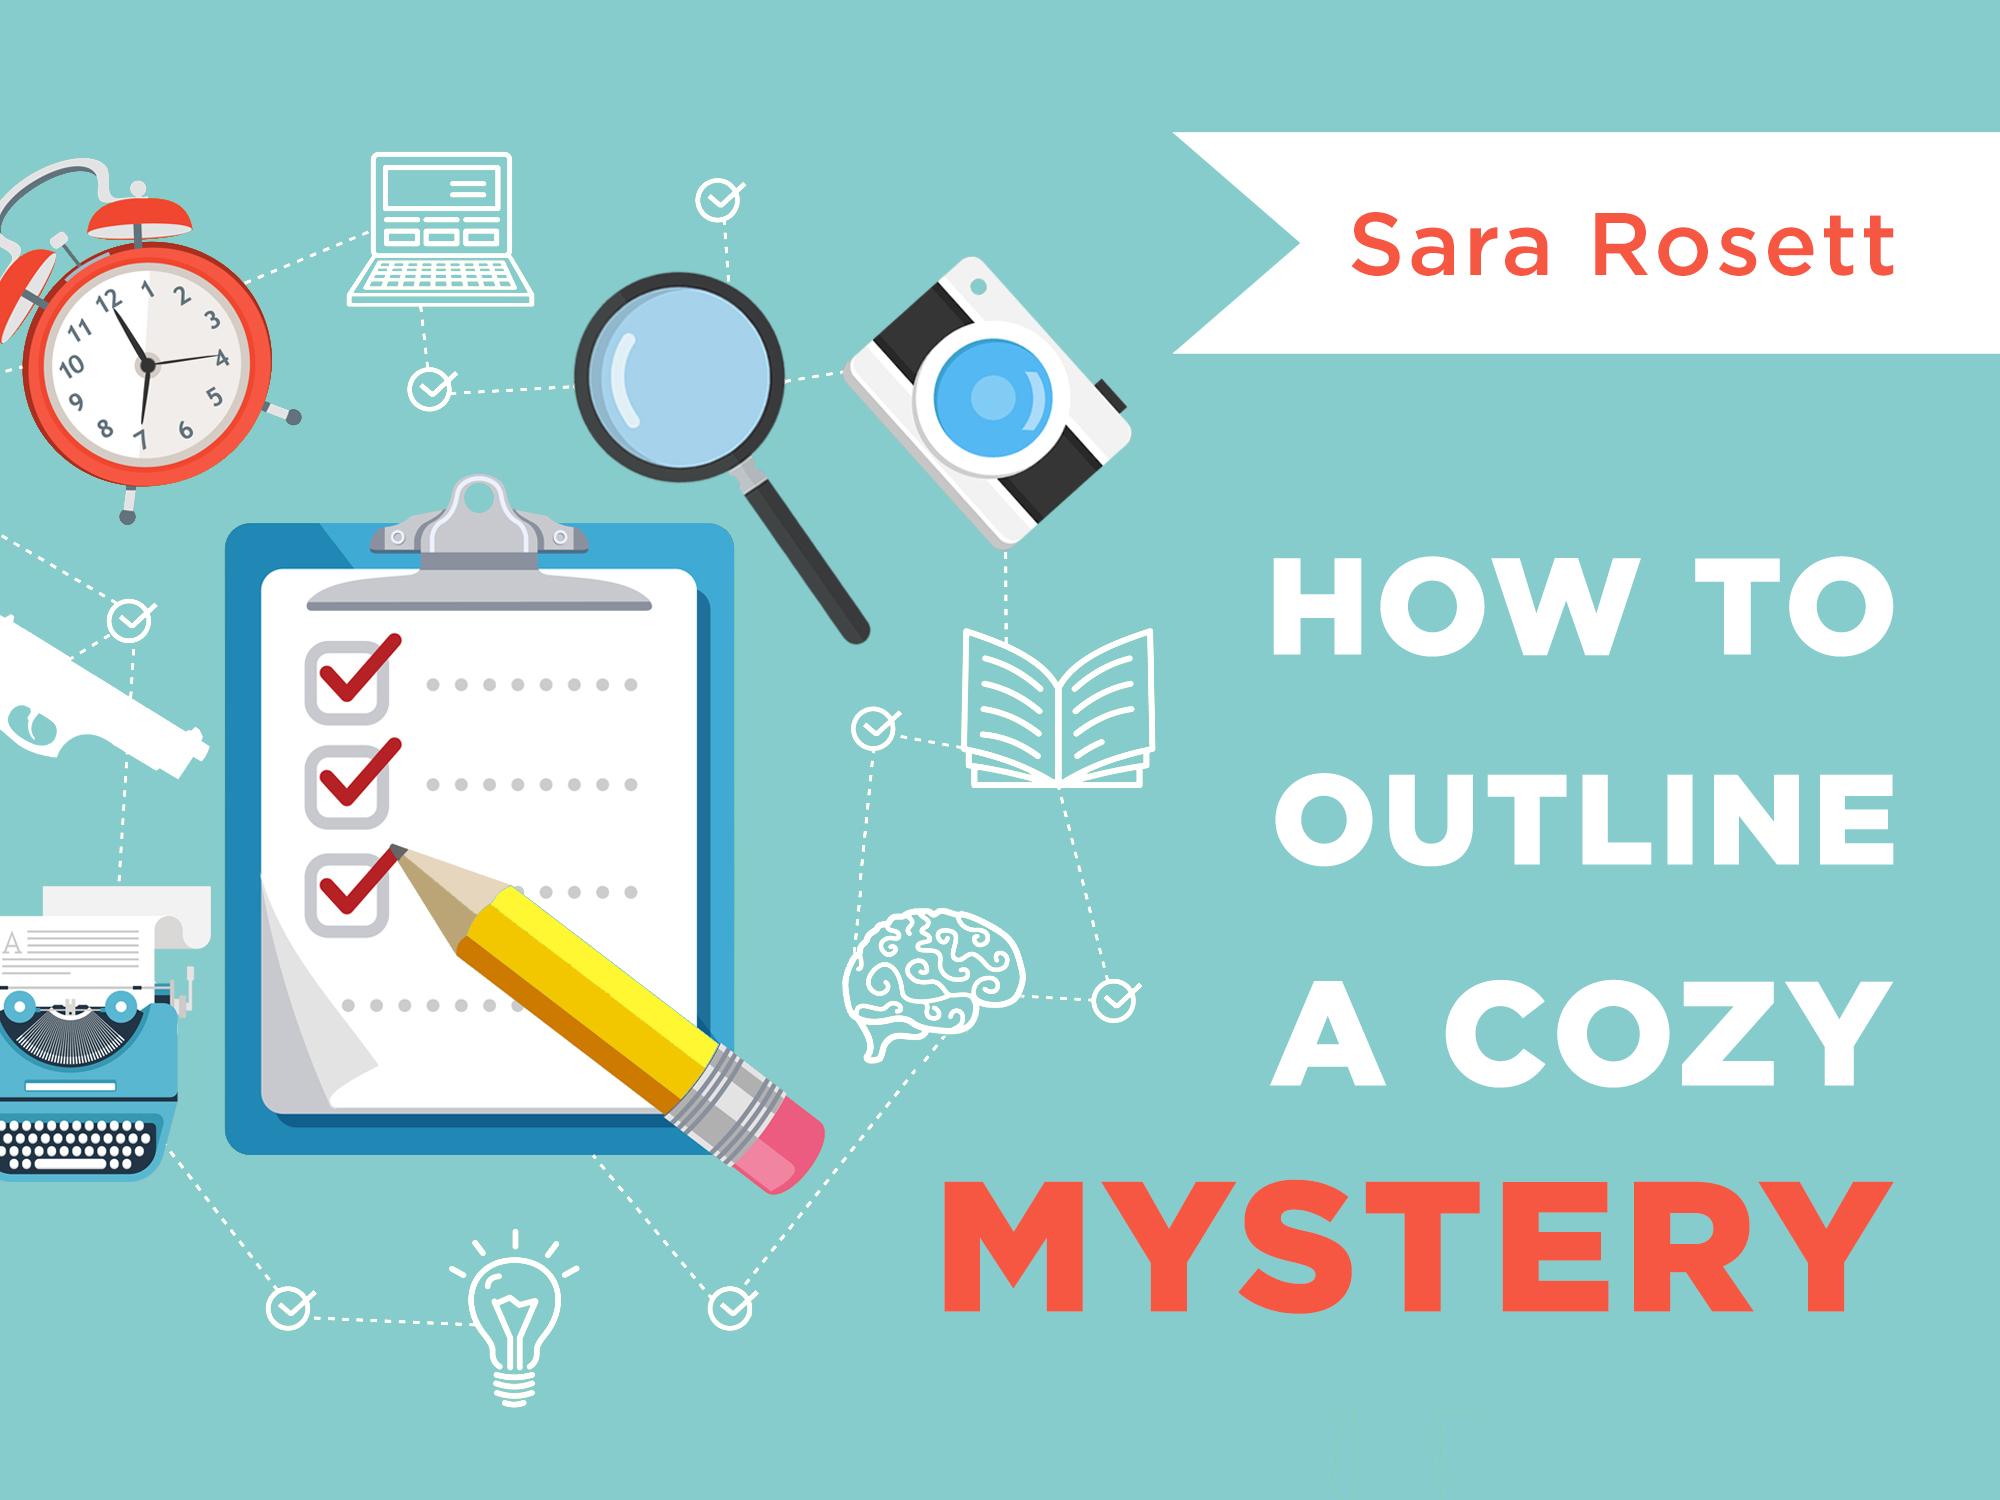 cozy mystery outline pdf